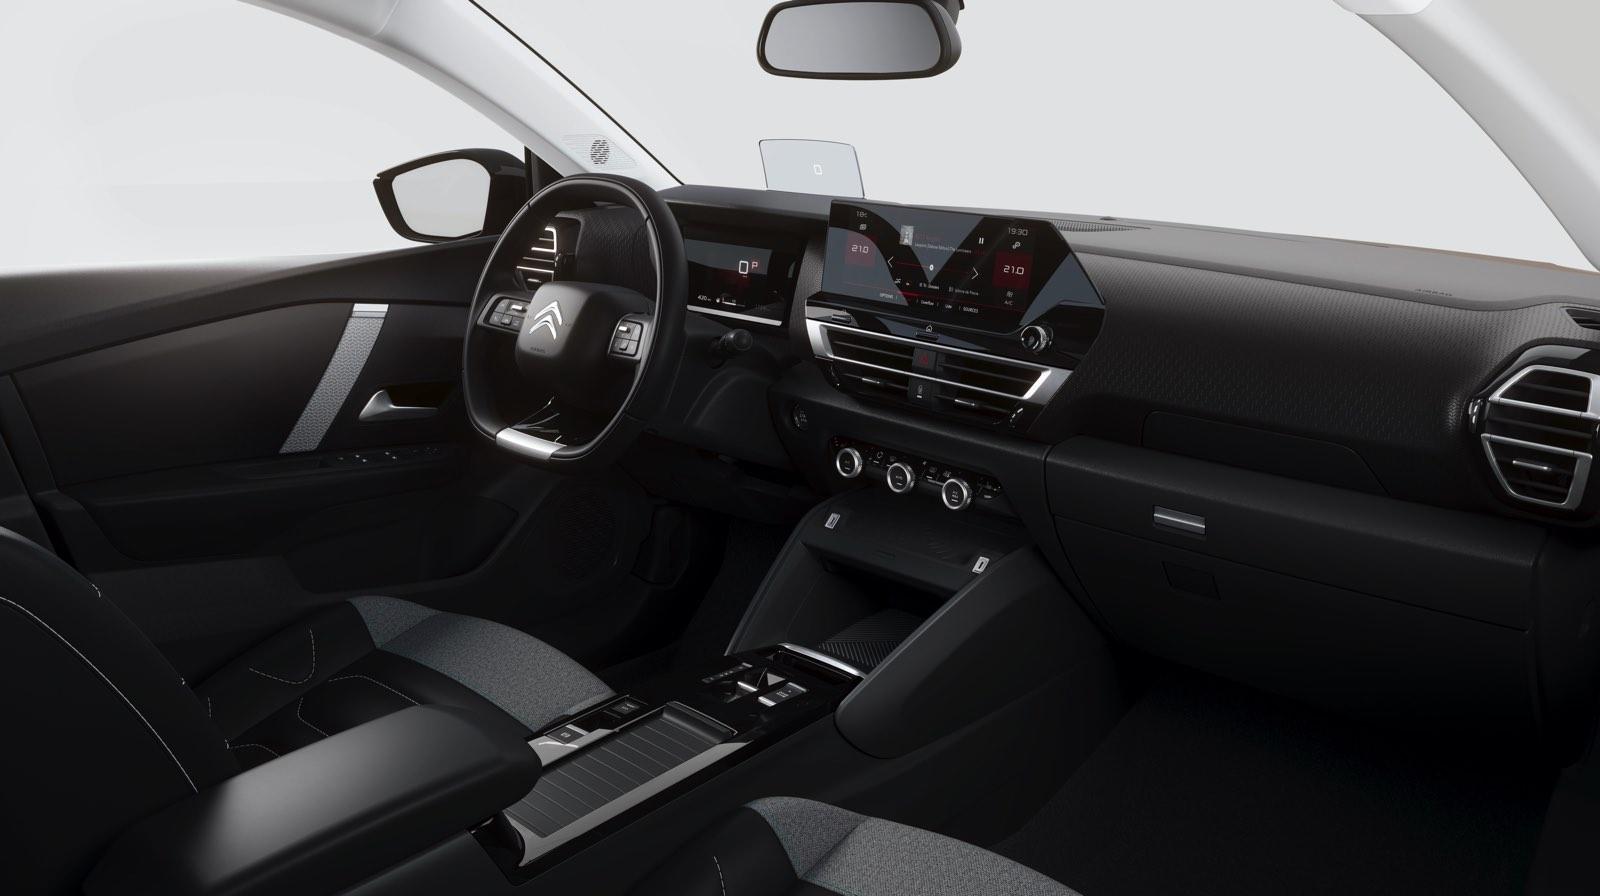 Citroën C4 eléctrico, Citroën ë-C4